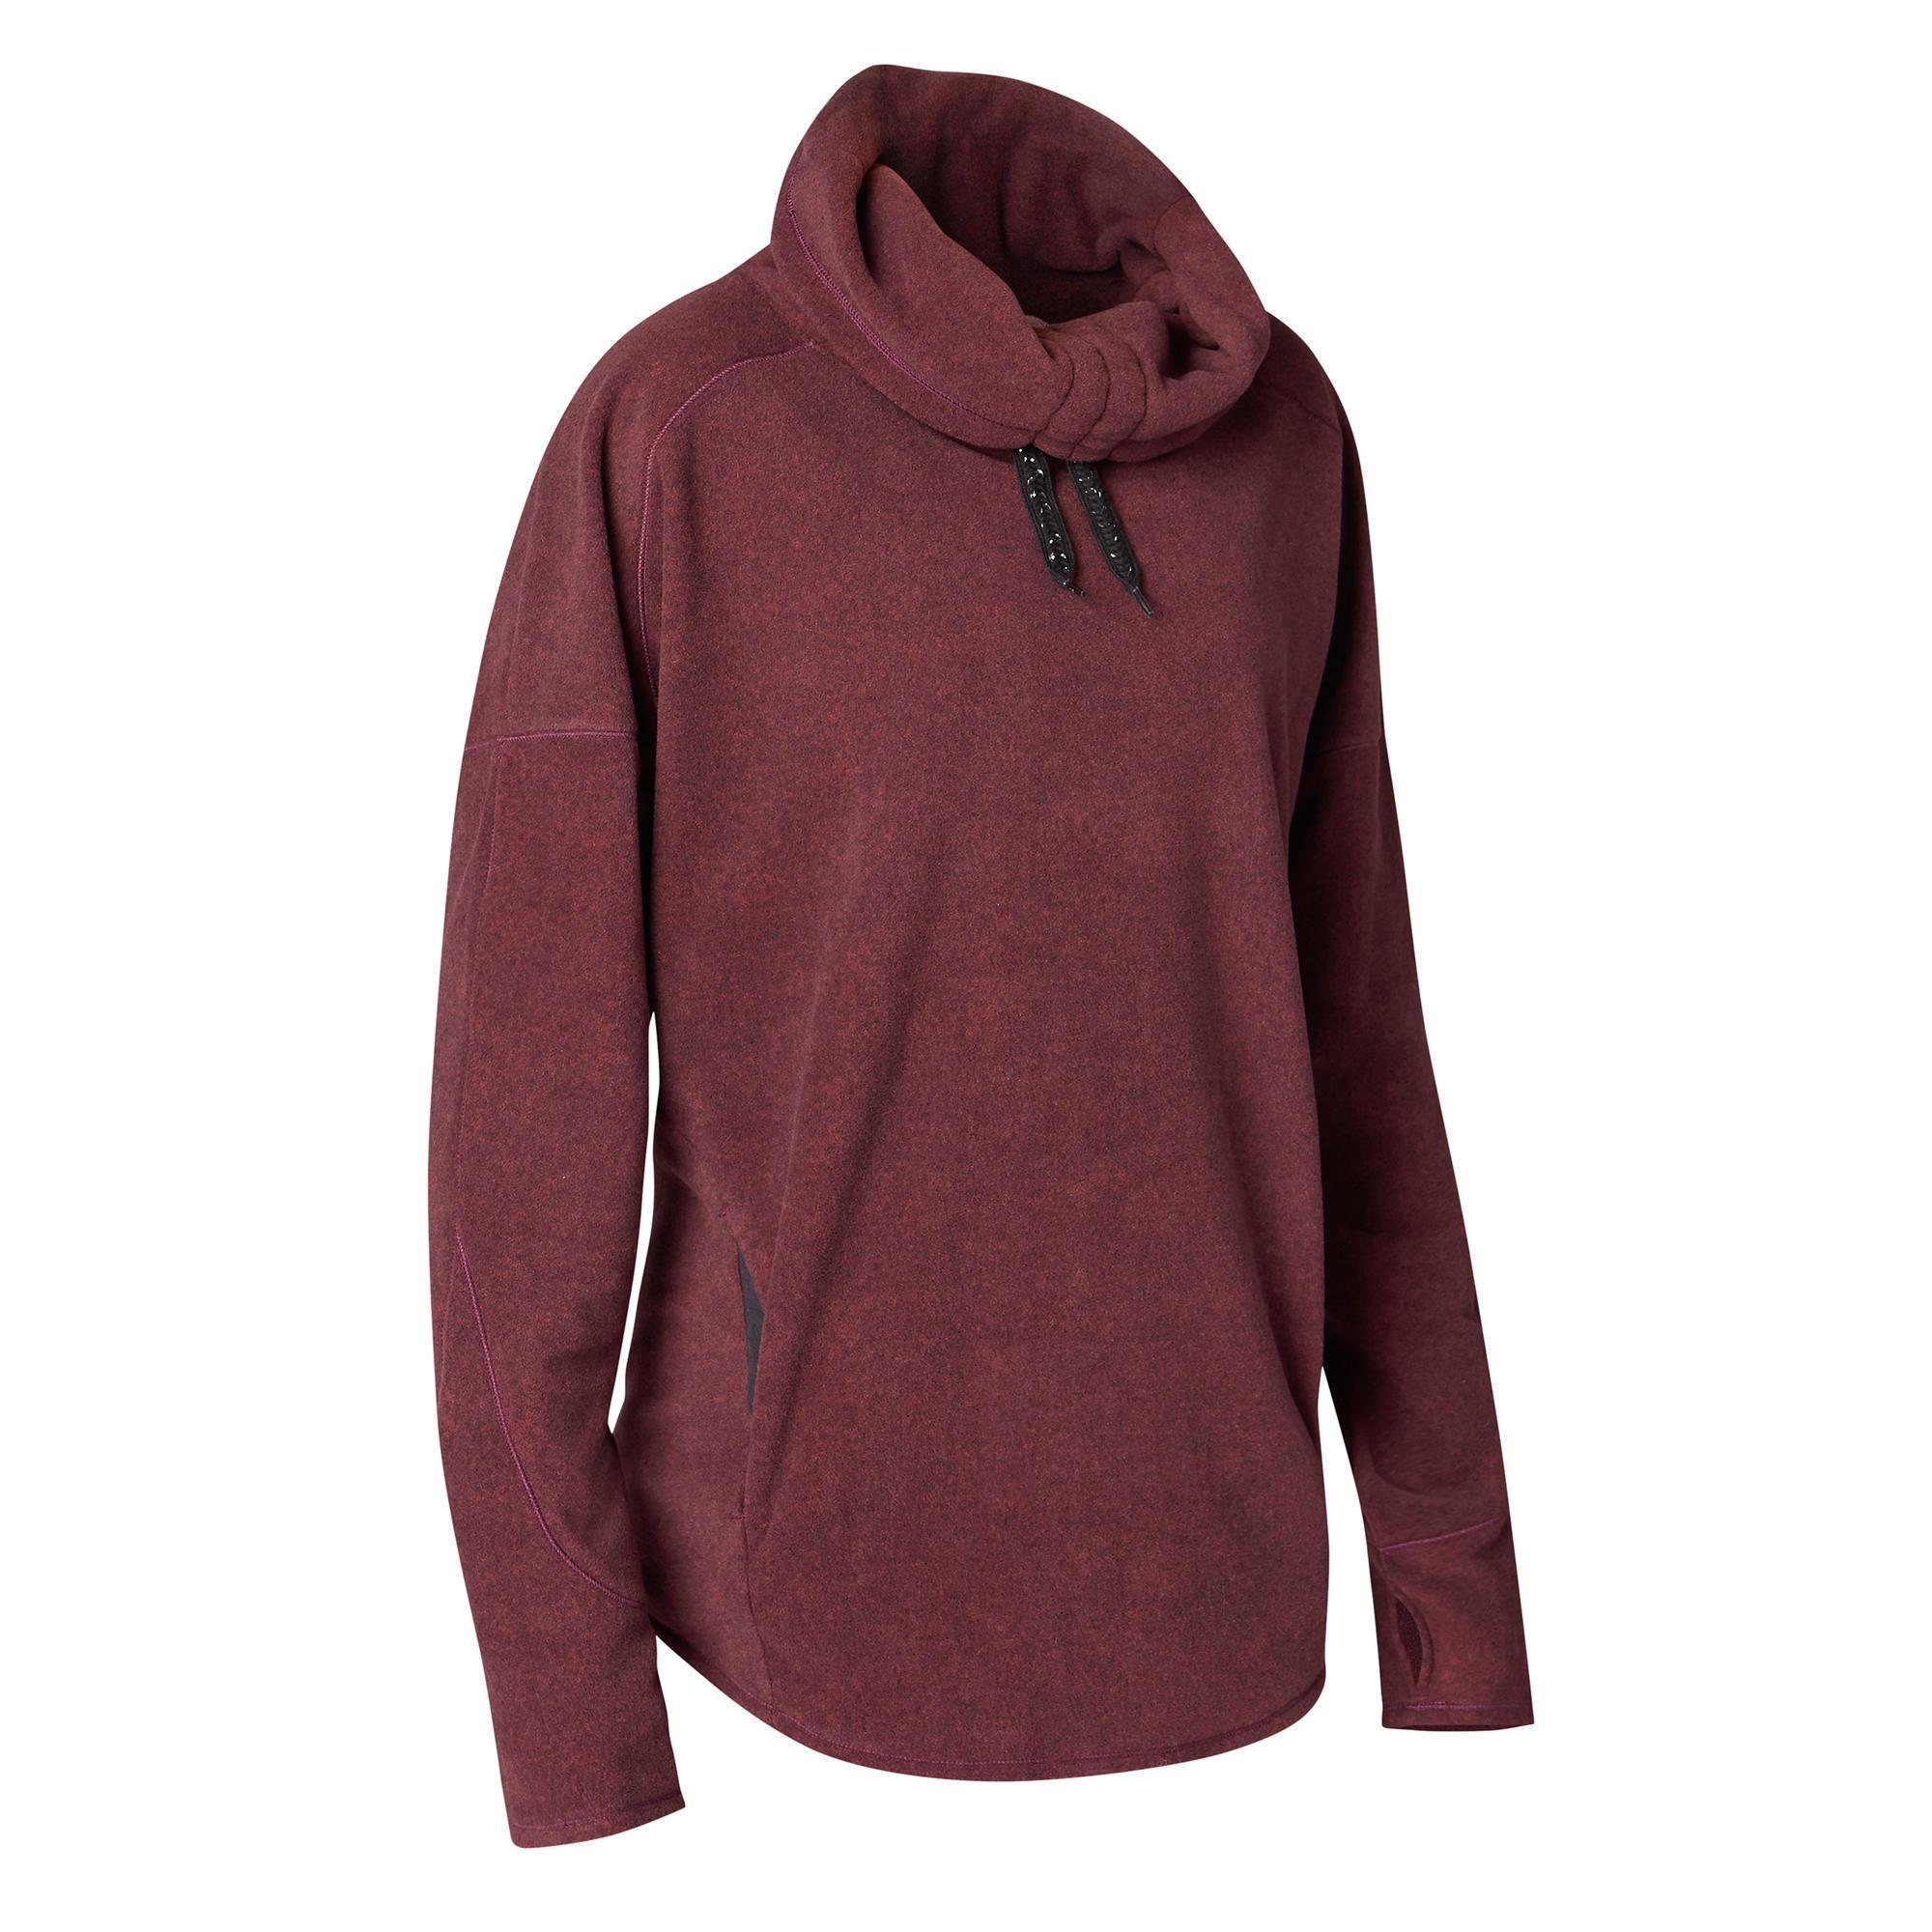 Domyos Damessweater voor relaxatie bij yoga microfleece